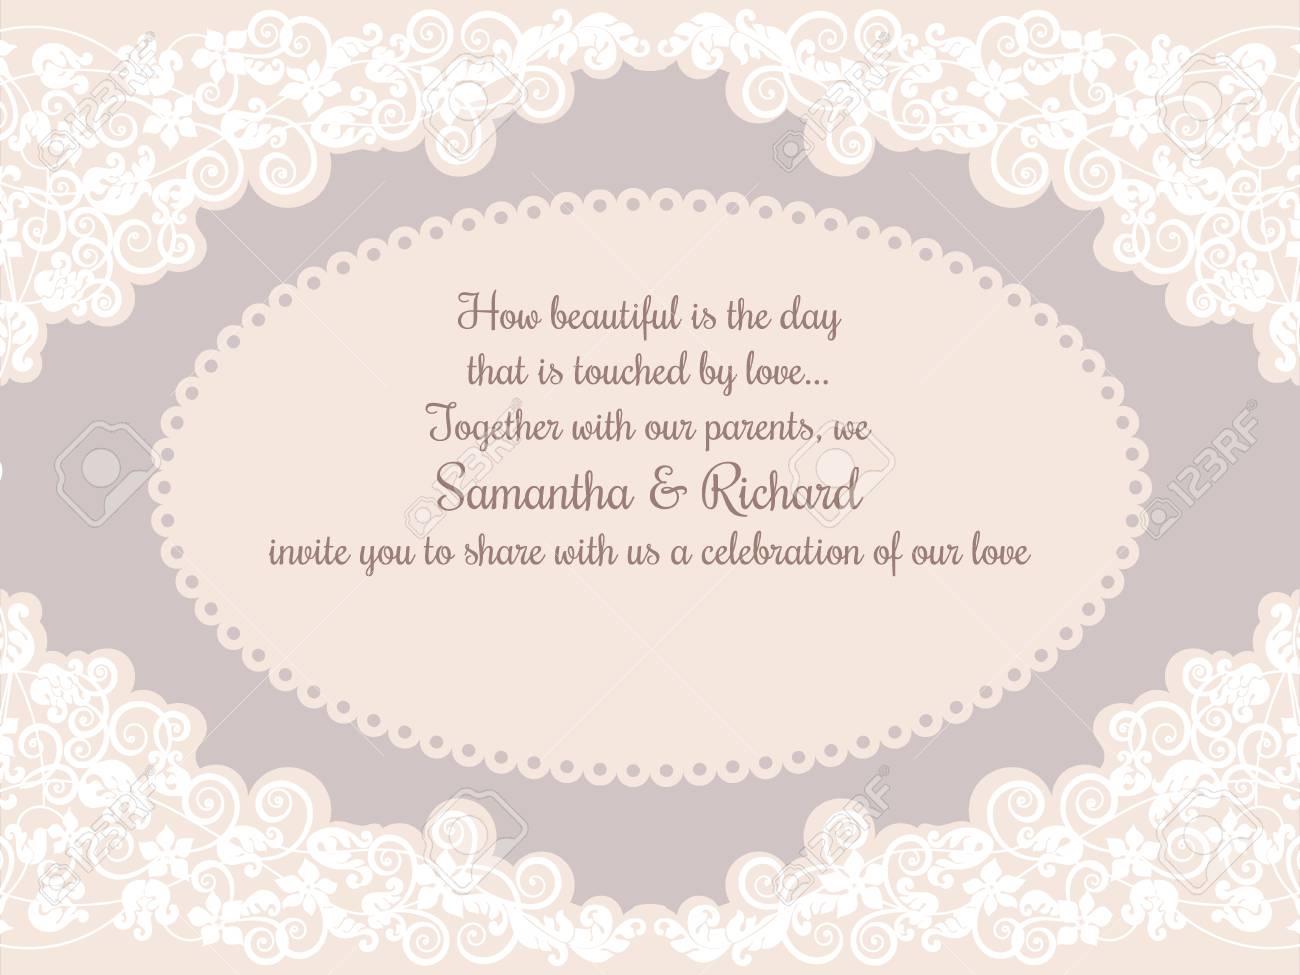 Einladung Hochzeit Karte Mit Schönen Weißen Spitzen Dekorationen In Beige  Standard Bild   47115161